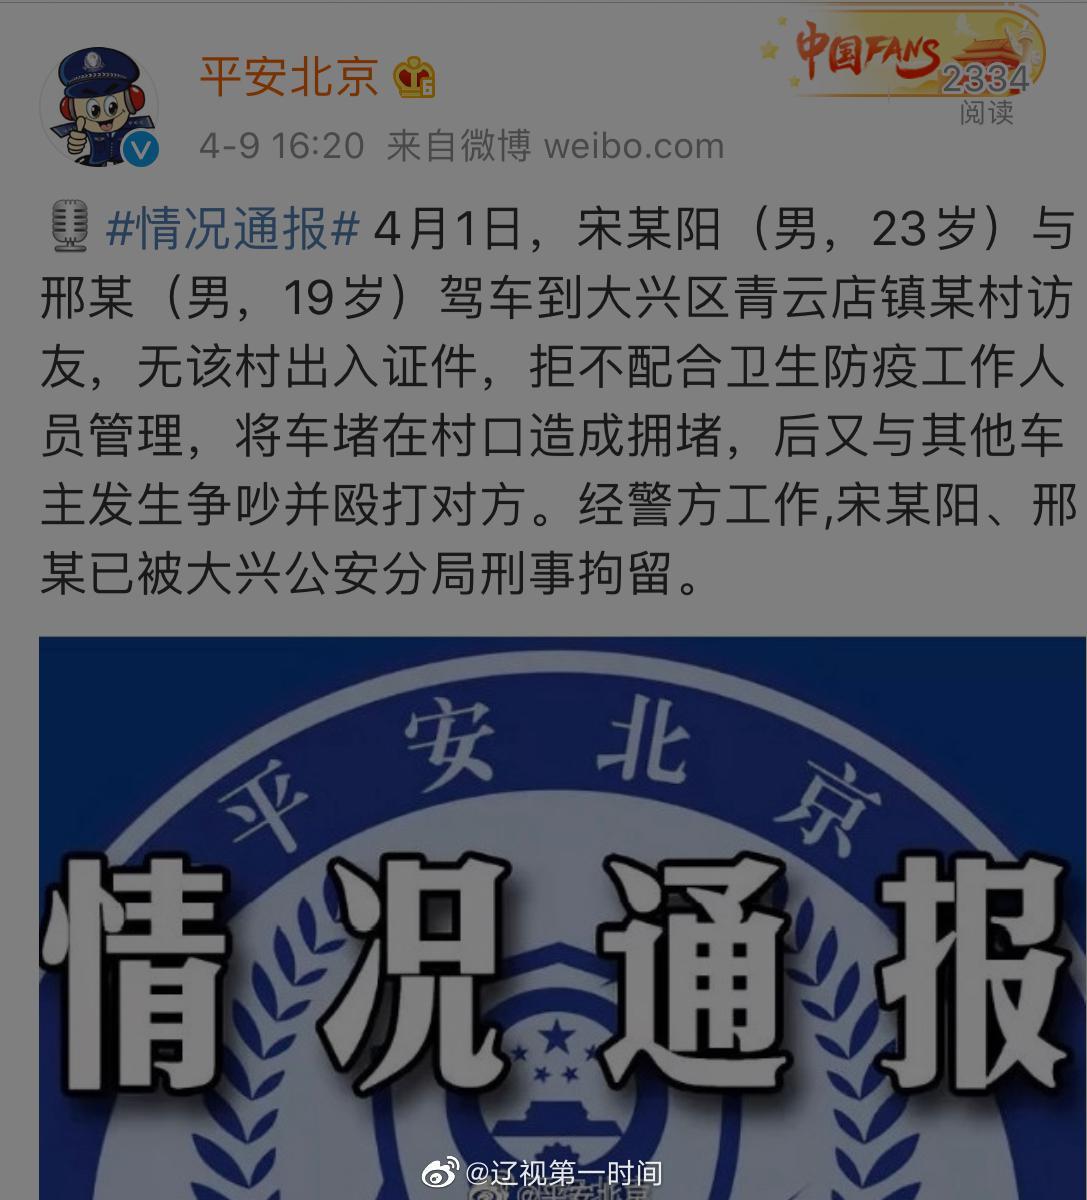 平安北京 :4月1日,宋某阳(男,23岁)与邢某(男……